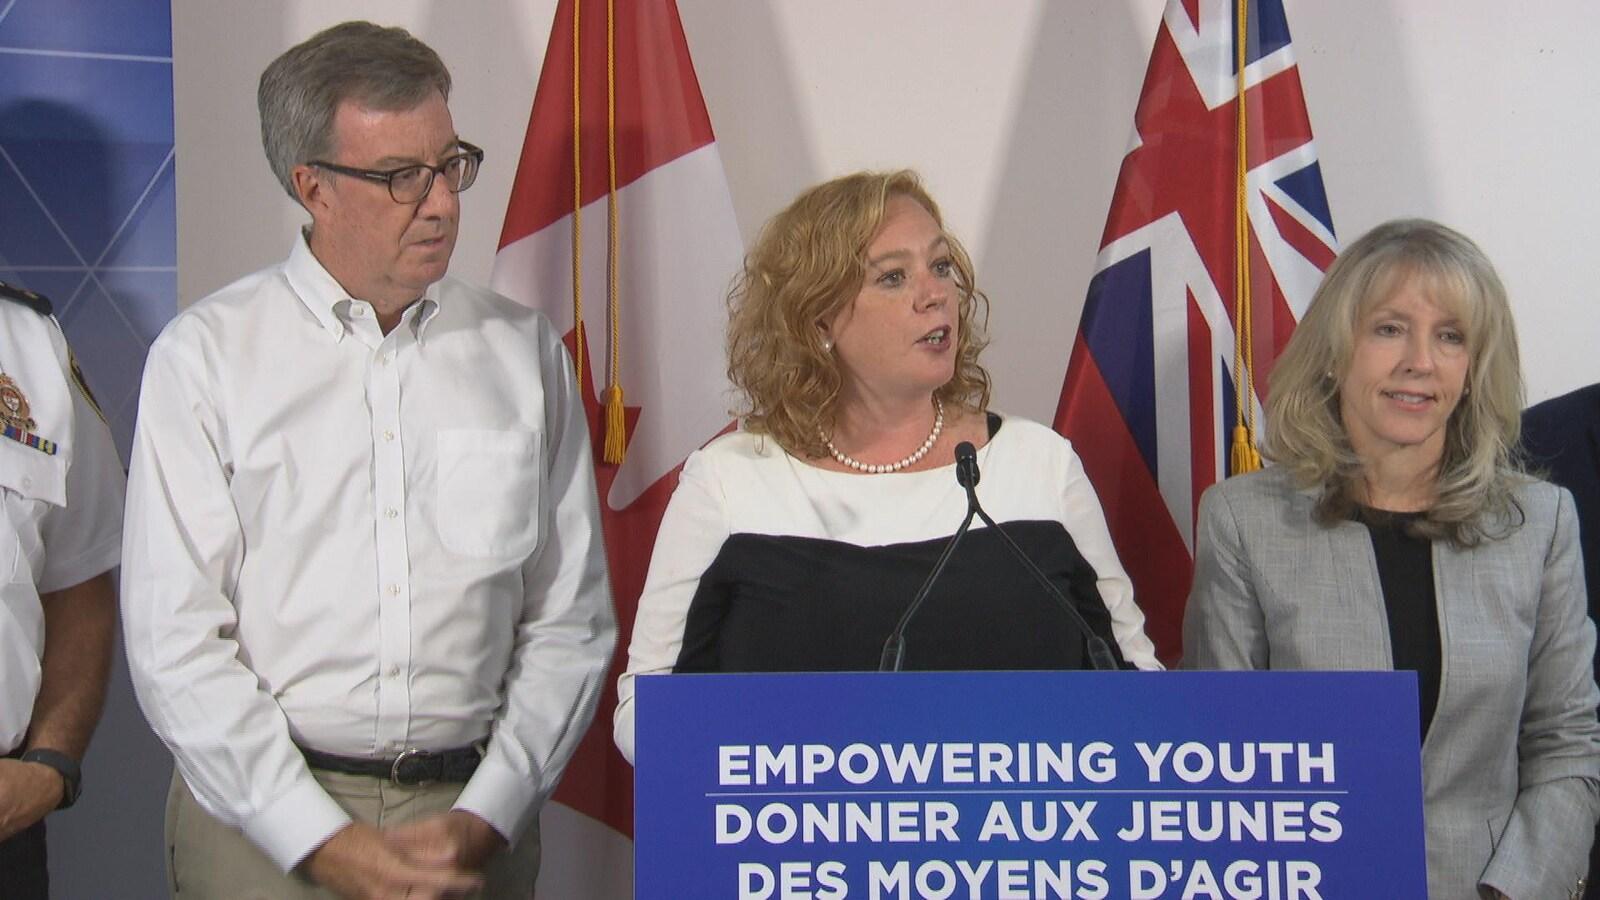 Jim Watson (à gauche), Lisa MacLeod (au centre) et Merrilee Fullerton (à droite) derrière un podium avec un micro pendant un point de presse.